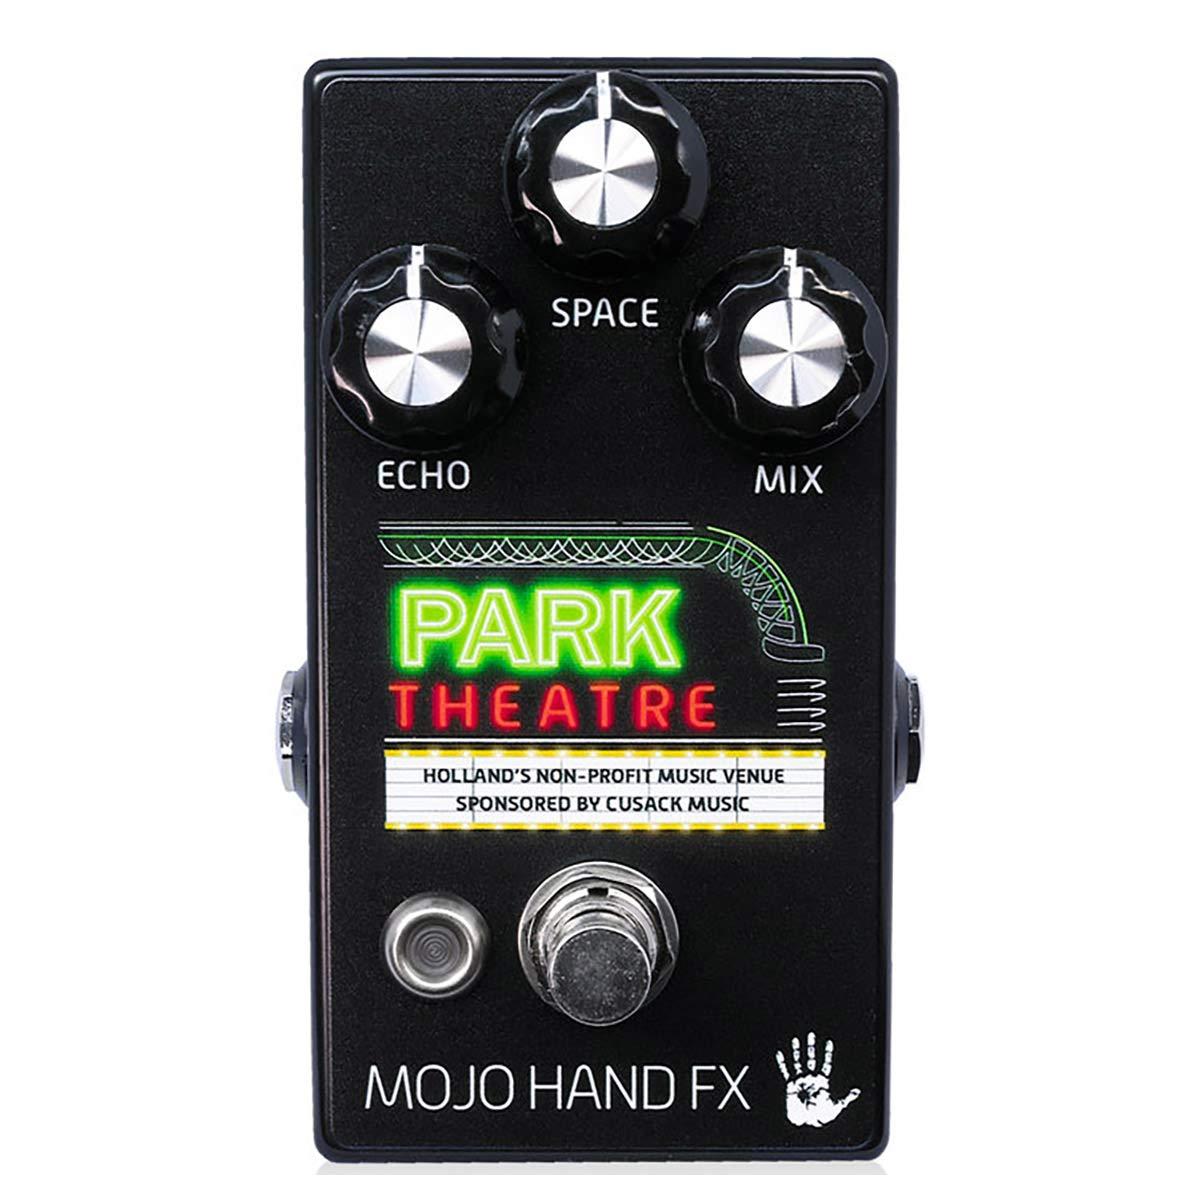 リンク:Park Theatre